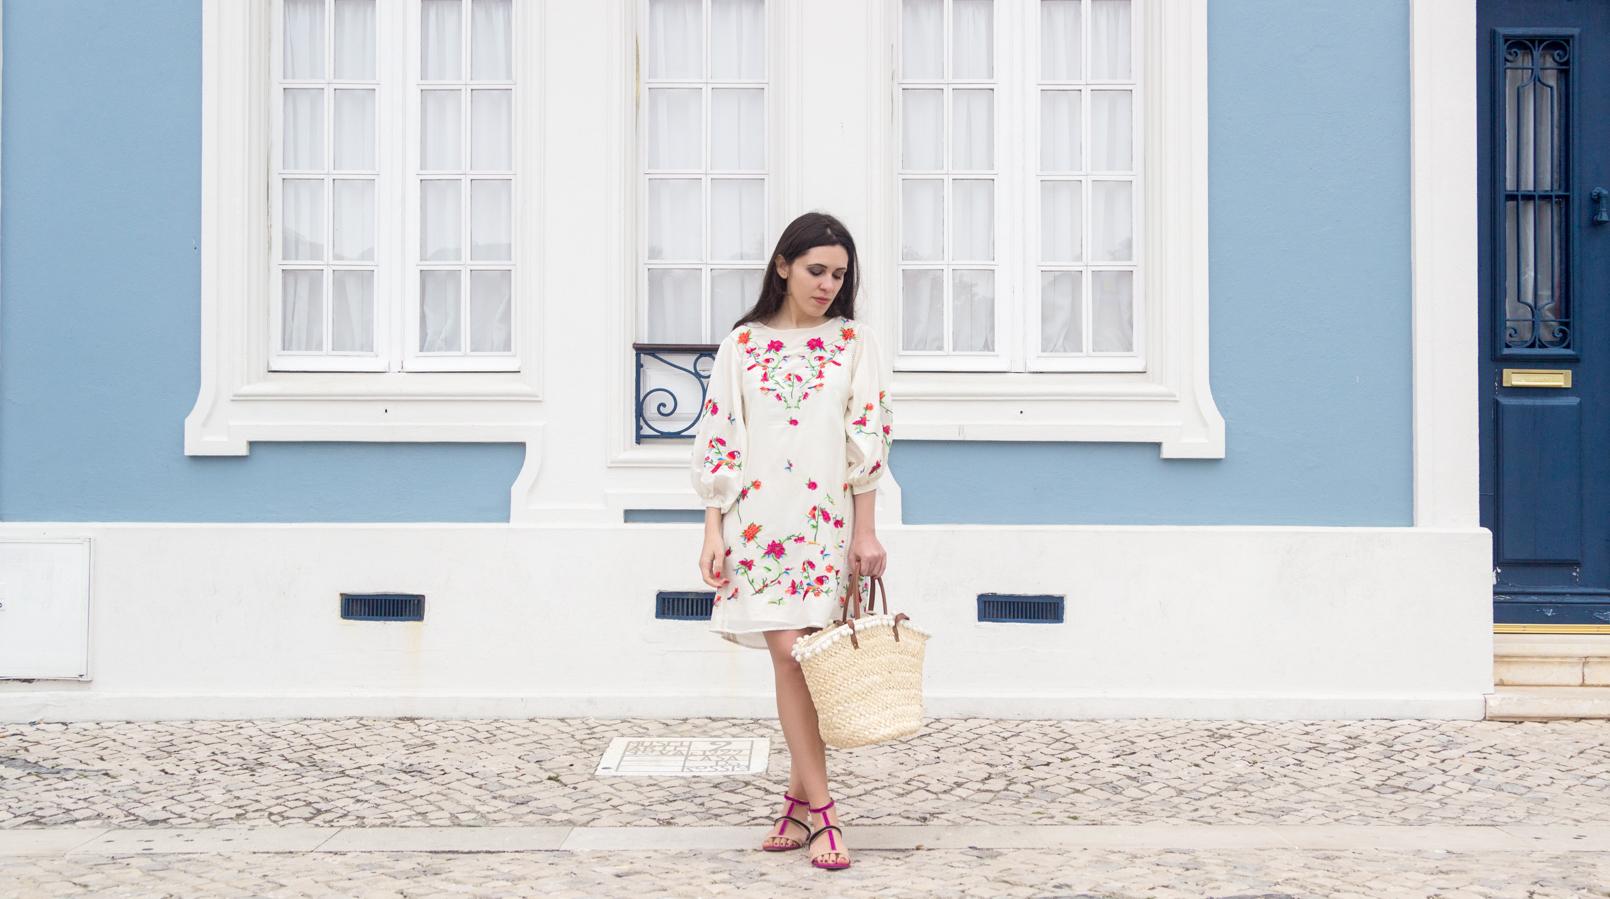 Le Fashionaire Por que é que gostamos tanto da Zara? vestido seda branco zasra bordado passaros rosa tropical flores sandalias roxas purupura pretas camurca zara cesta verga palha primark alcas castanhas 4367F PT